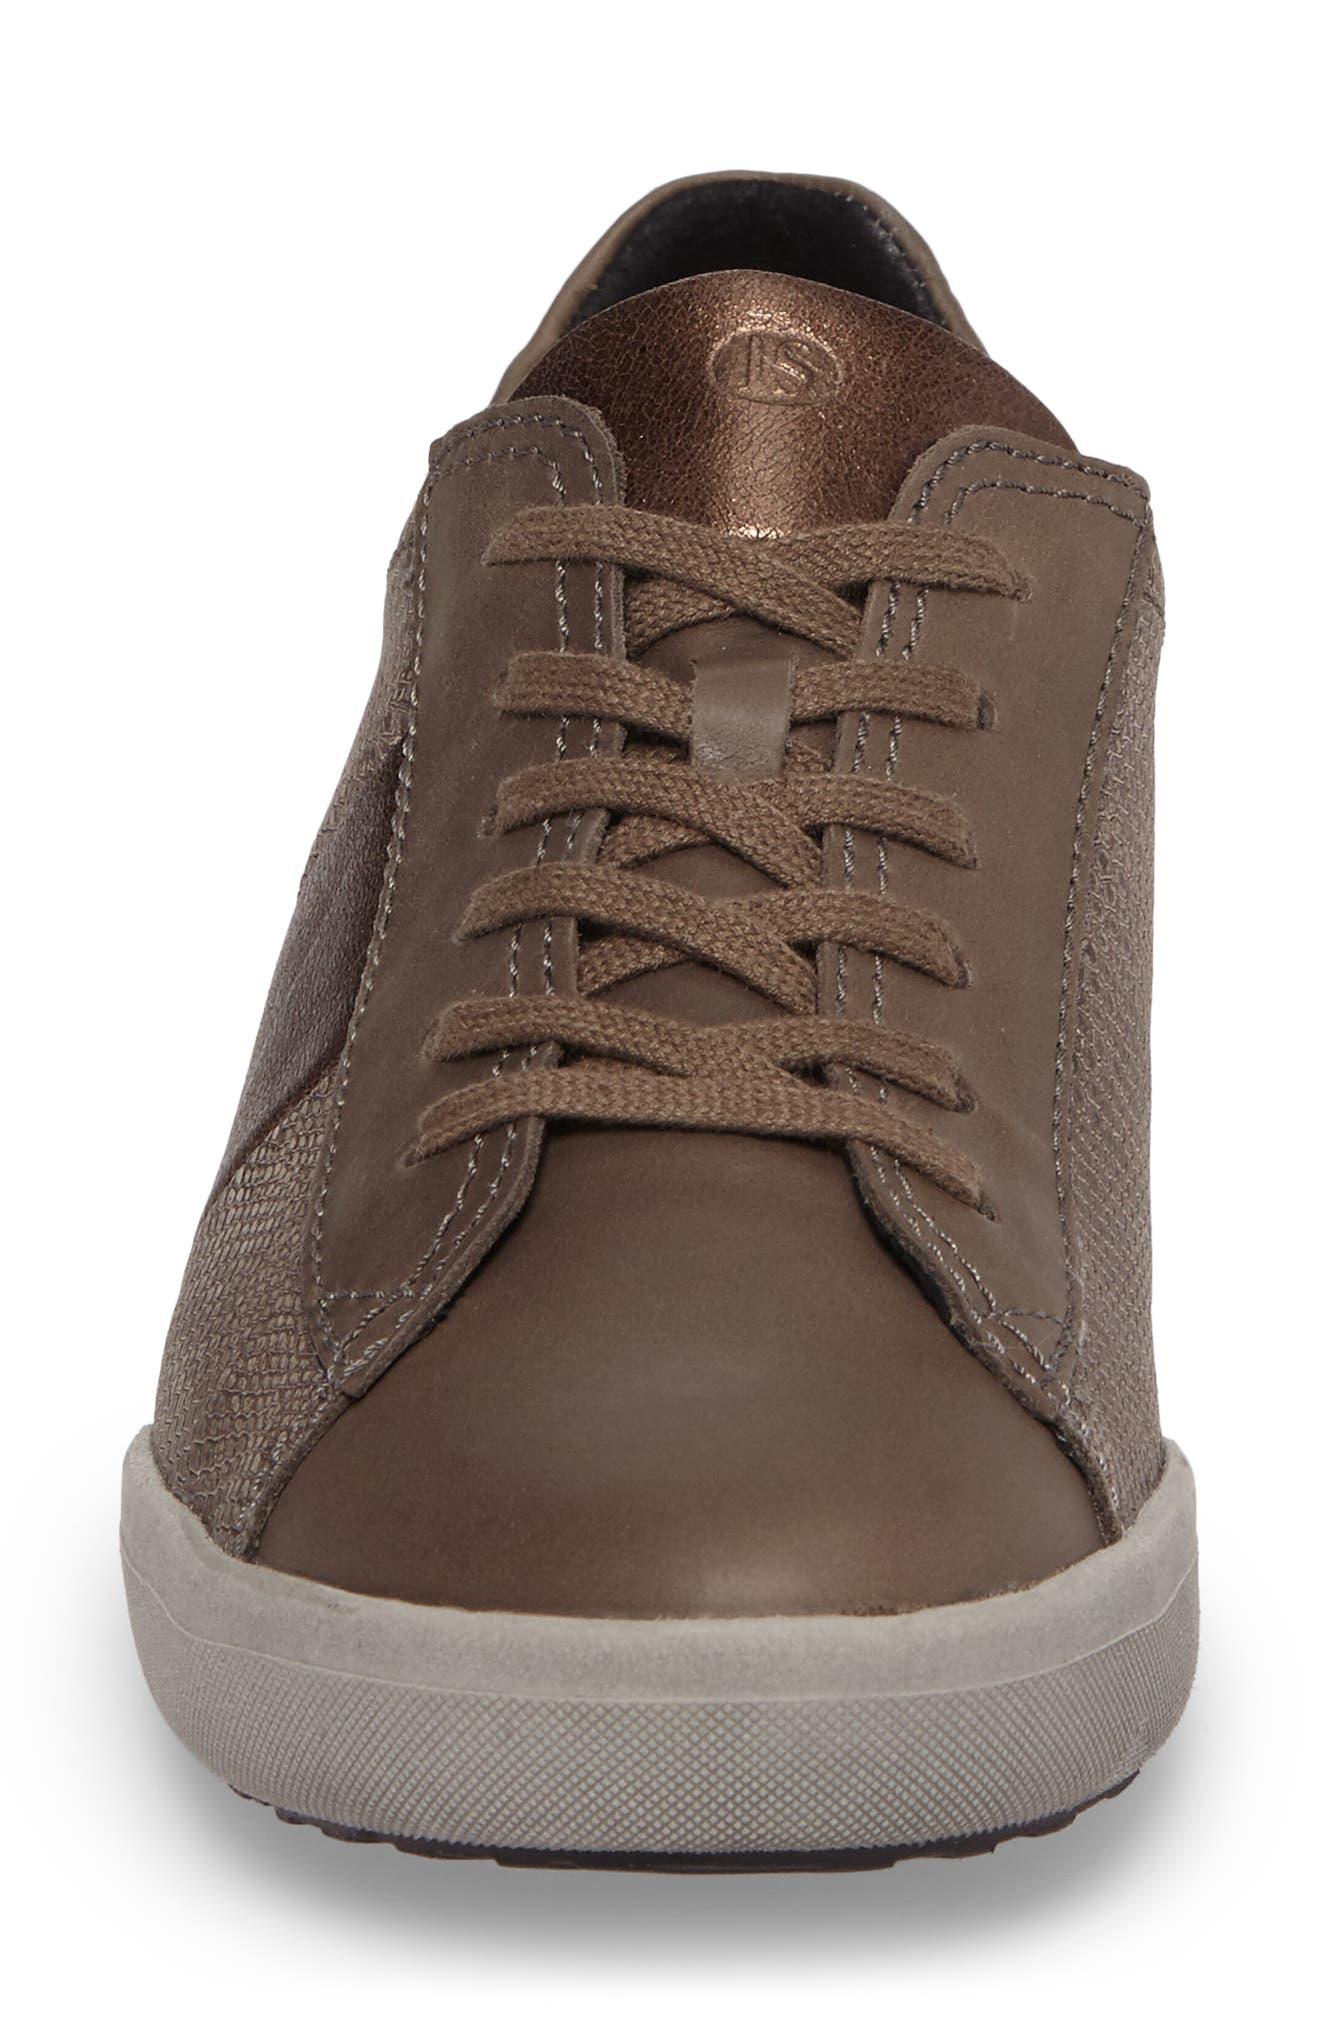 Sina 27 Sneaker,                             Alternate thumbnail 4, color,                             Asphalt/ Kombi Leather